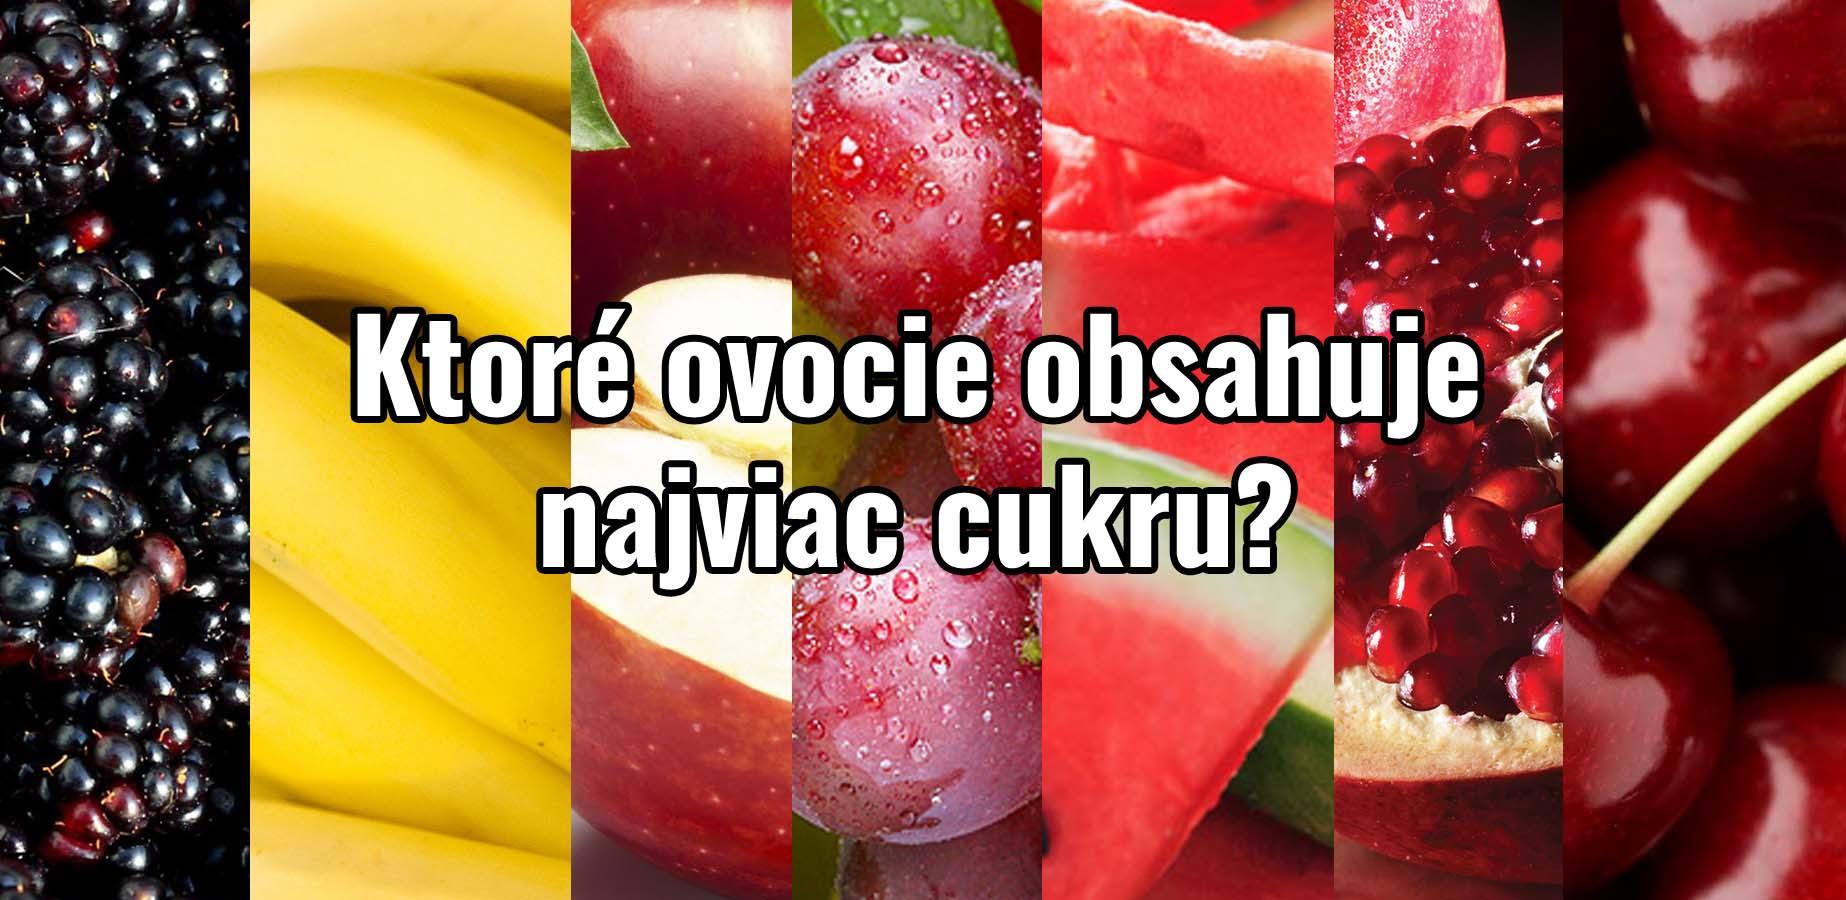 Ktoré ovocie obsahuje najviac cukru?